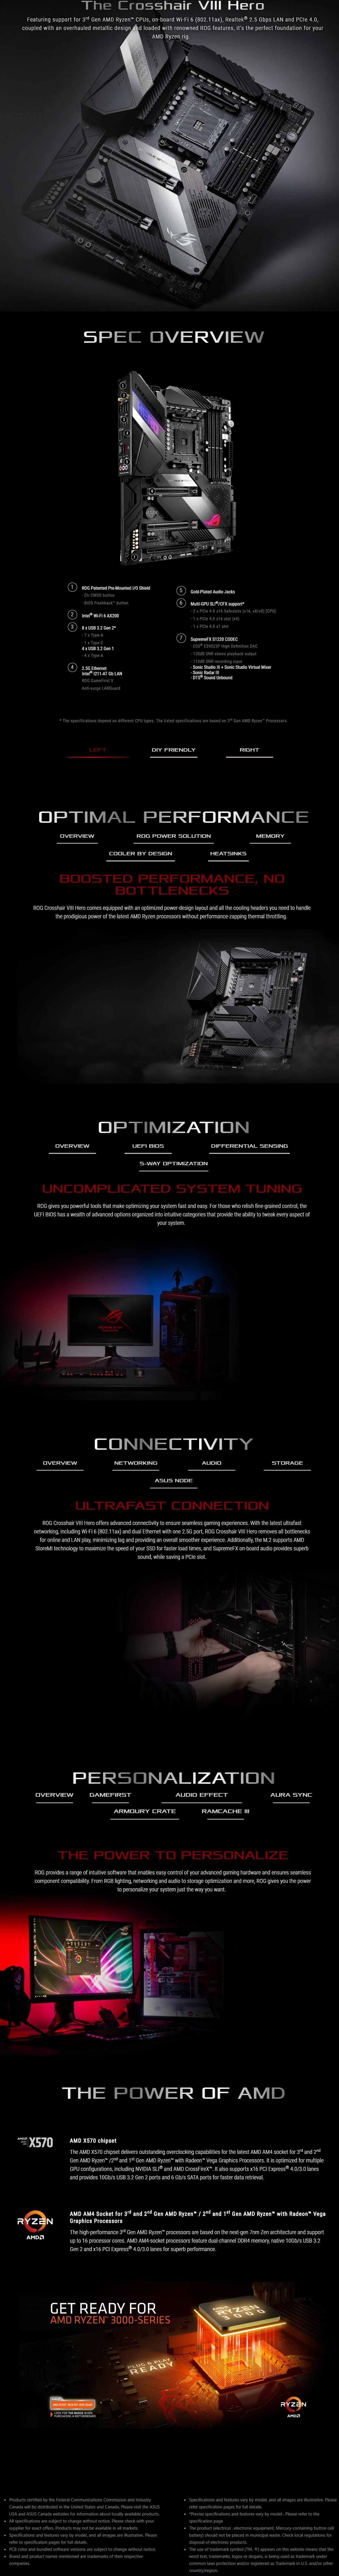 Asus ROG Crosshair VIII Hero WI-FI X570 AM4 ATX Gaming Motherboard